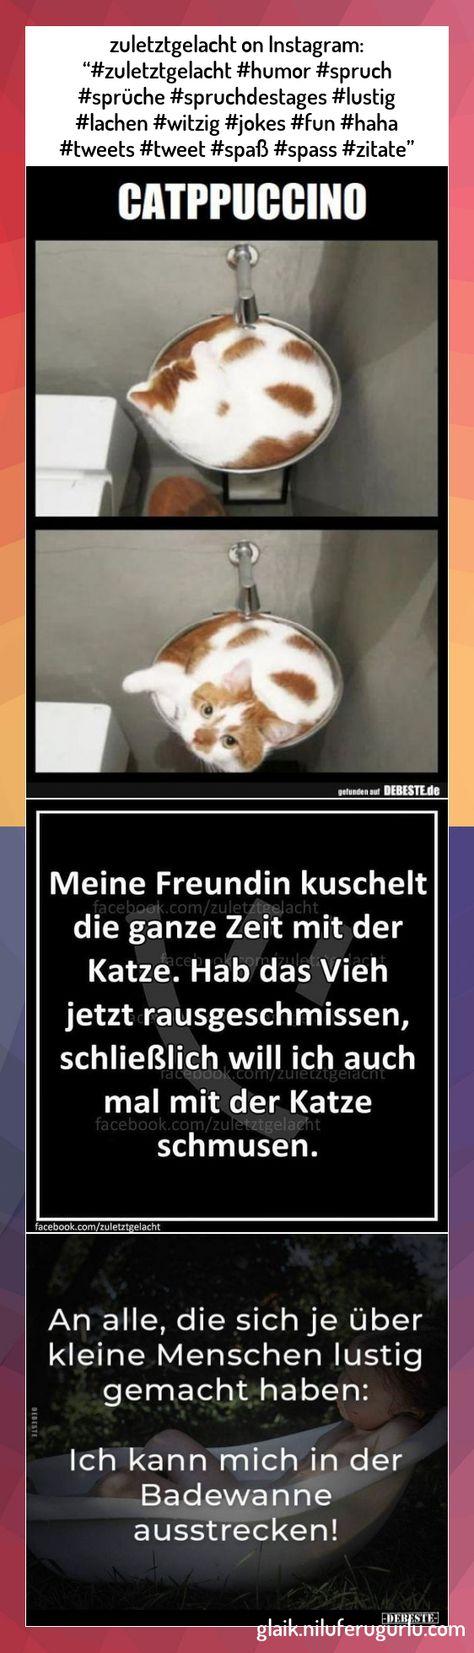 """zuletztgelacht on Instagram: """"#zuletztgelacht #humor #spruch #sprüche #spruchdestages #lustig #lachen #witzig #jokes #fun #haha #tweets #tweet #spaß #spass #zitate"""" #zuletztgelacht #Instagram: #""""#zuletztgelacht ##humor ##spruch ##sprüche ##spruchdestages ##lustig ##lachen ##witzig ##jokes ##fun ##haha ##tweets ##tweet ##spaß ##spass ##zitate"""""""